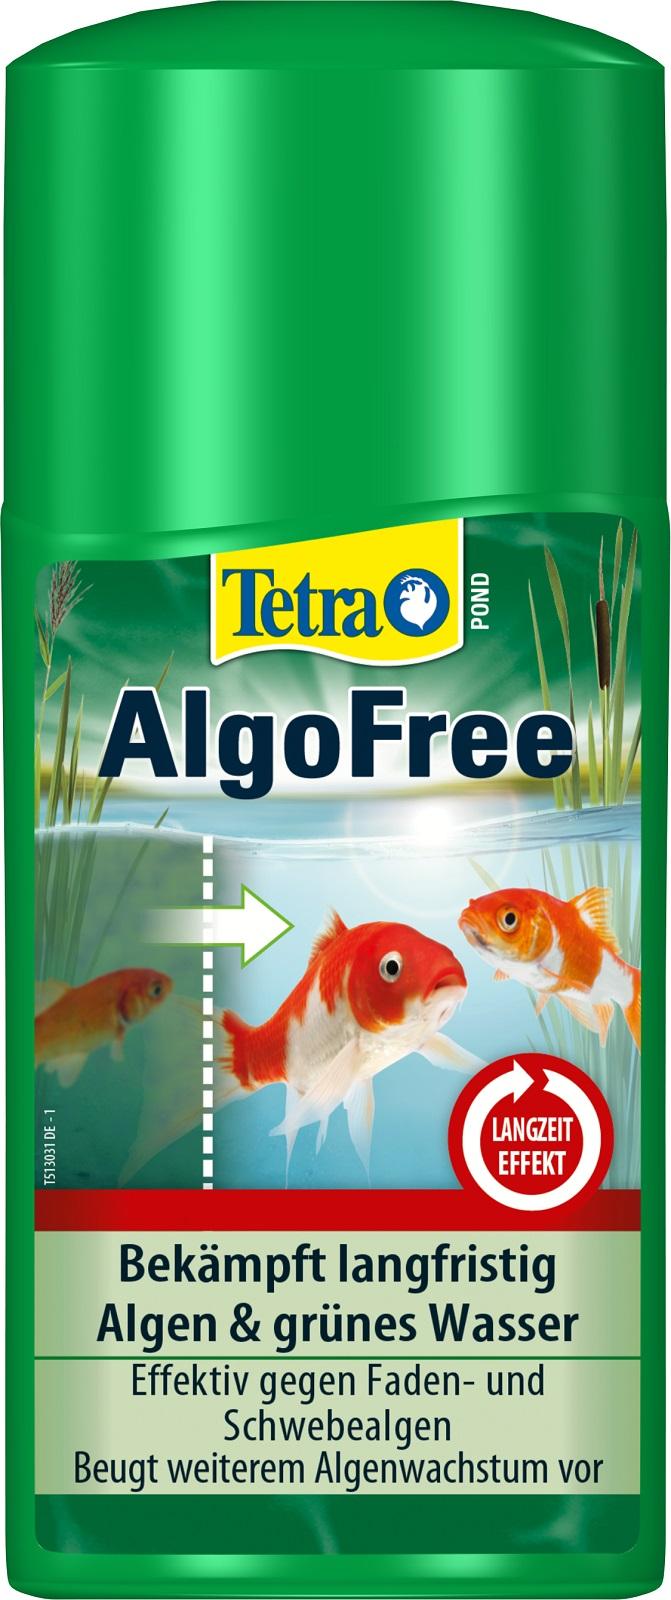 Tetra Pond AlgoFree Algenmittel gegen Schwebealgen und grünes Wasser 250 ml